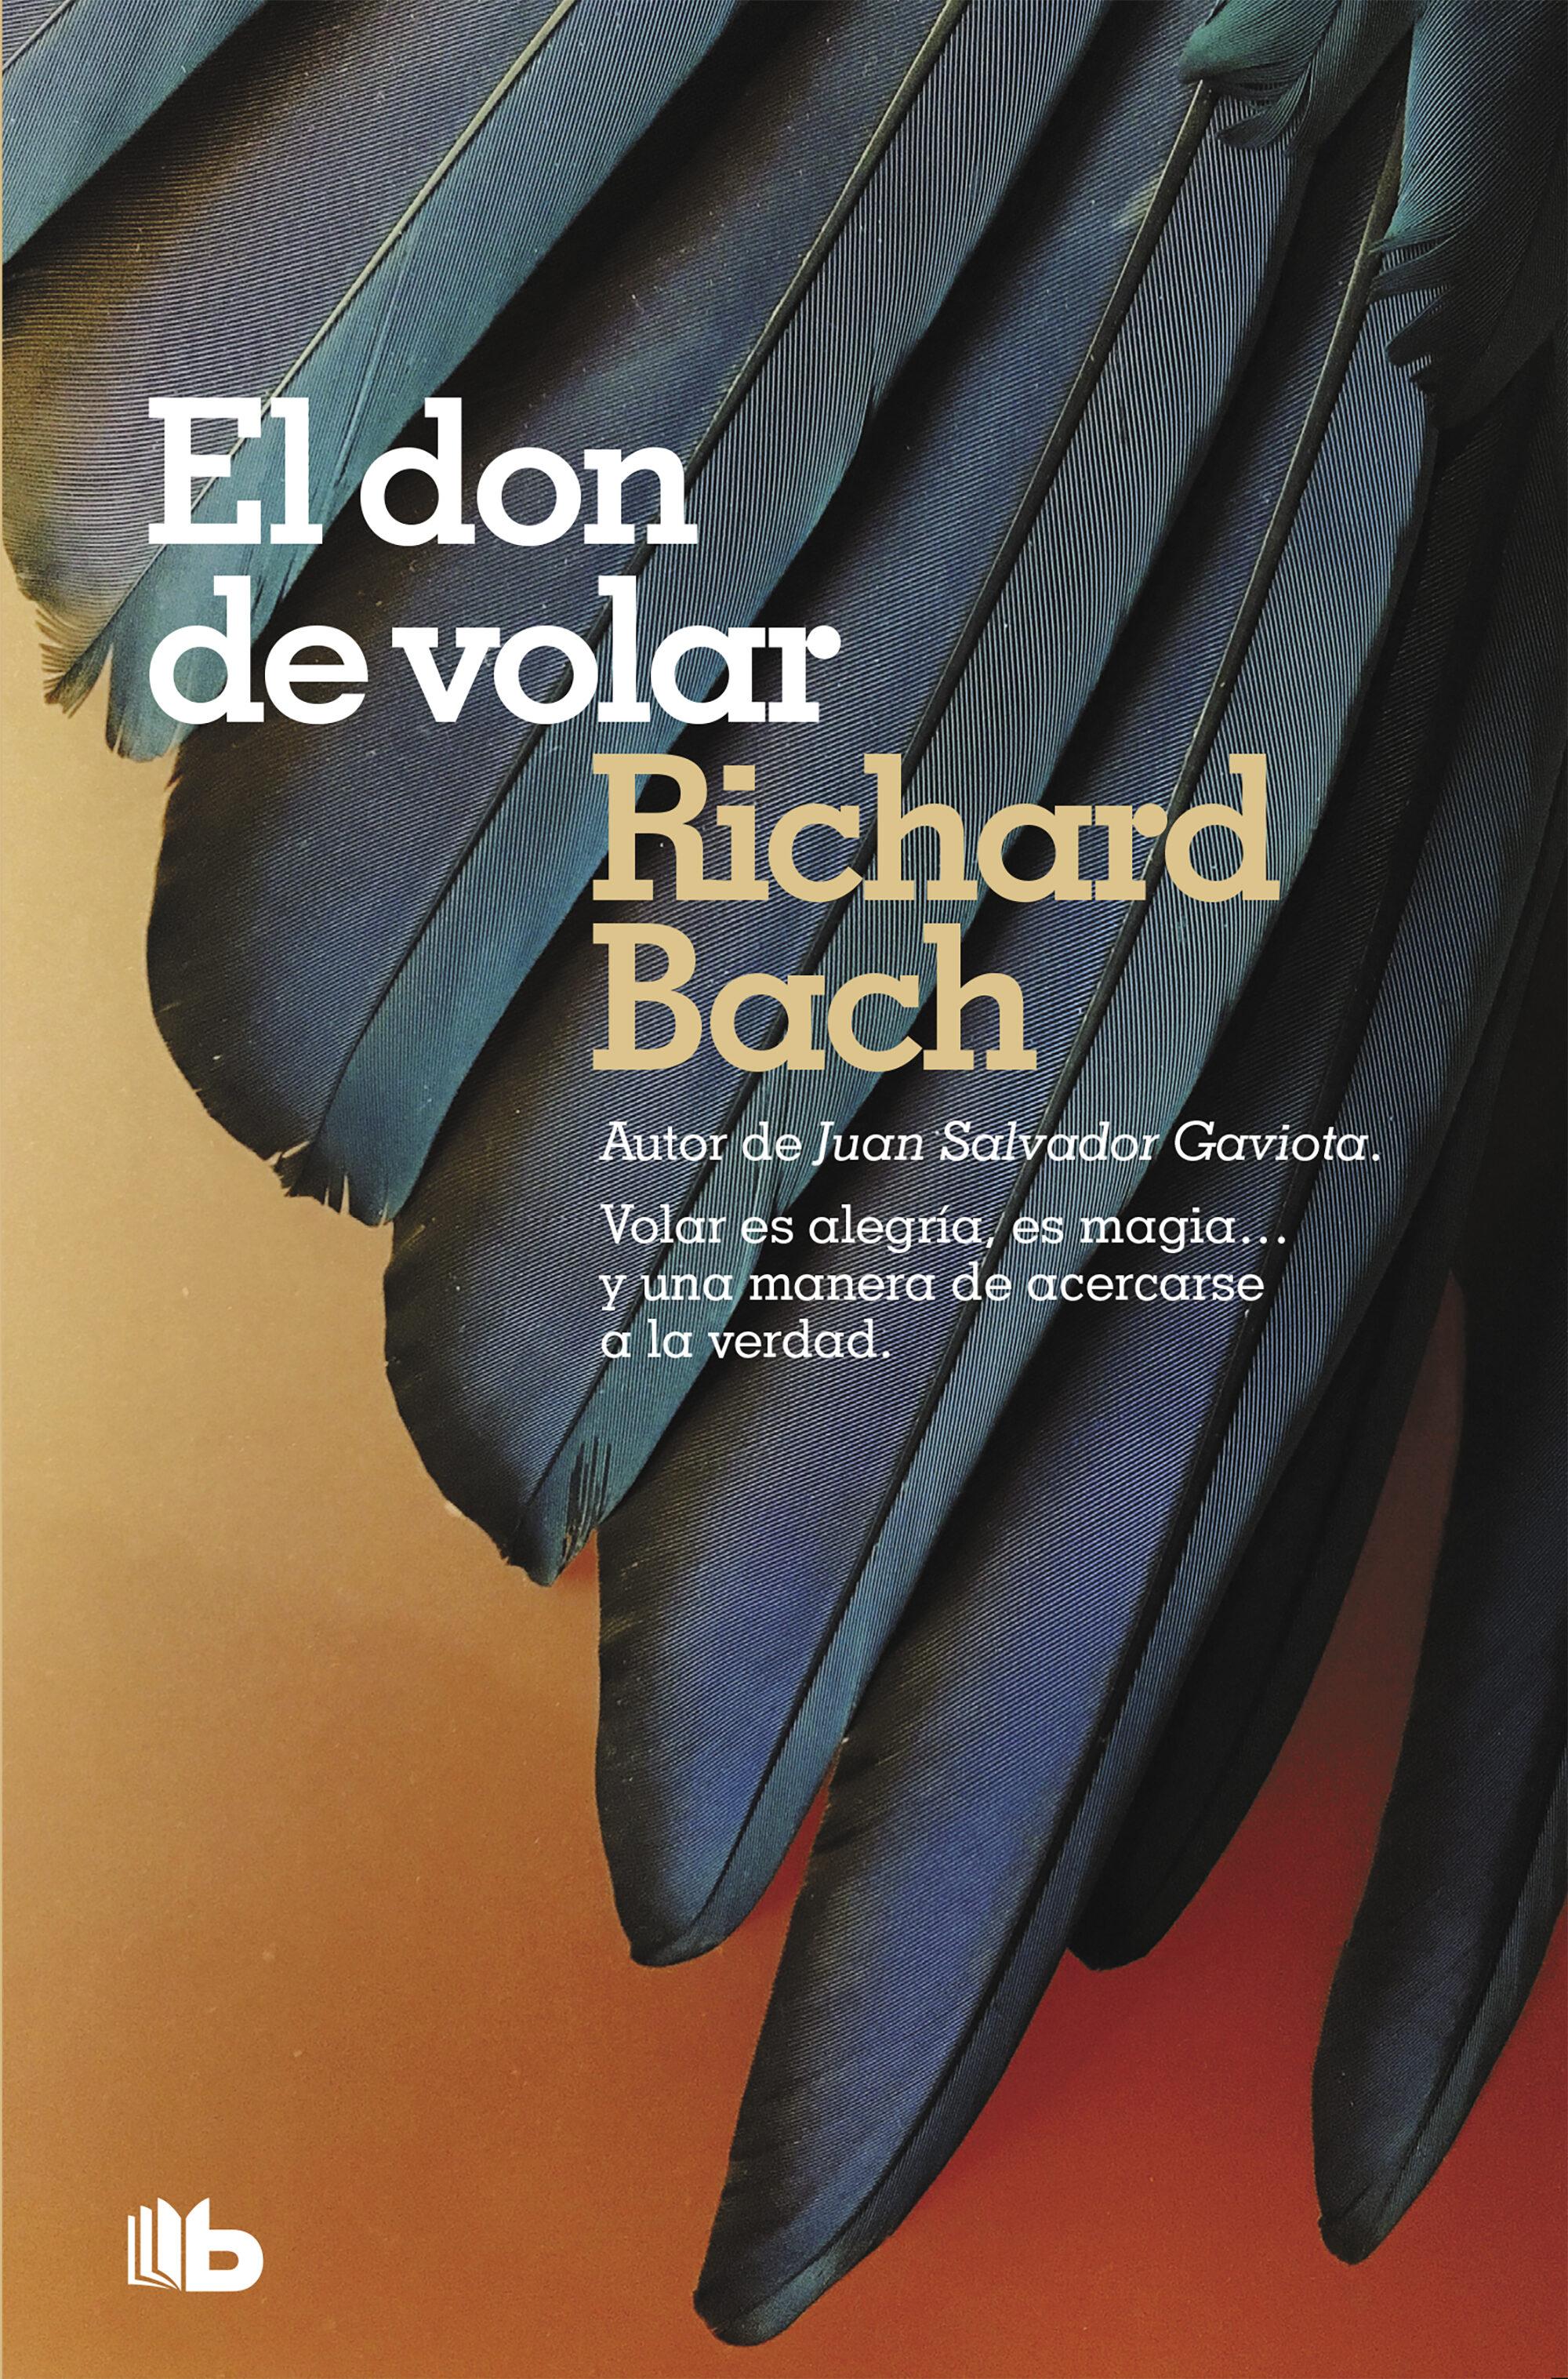 David bach libros pdf descargar